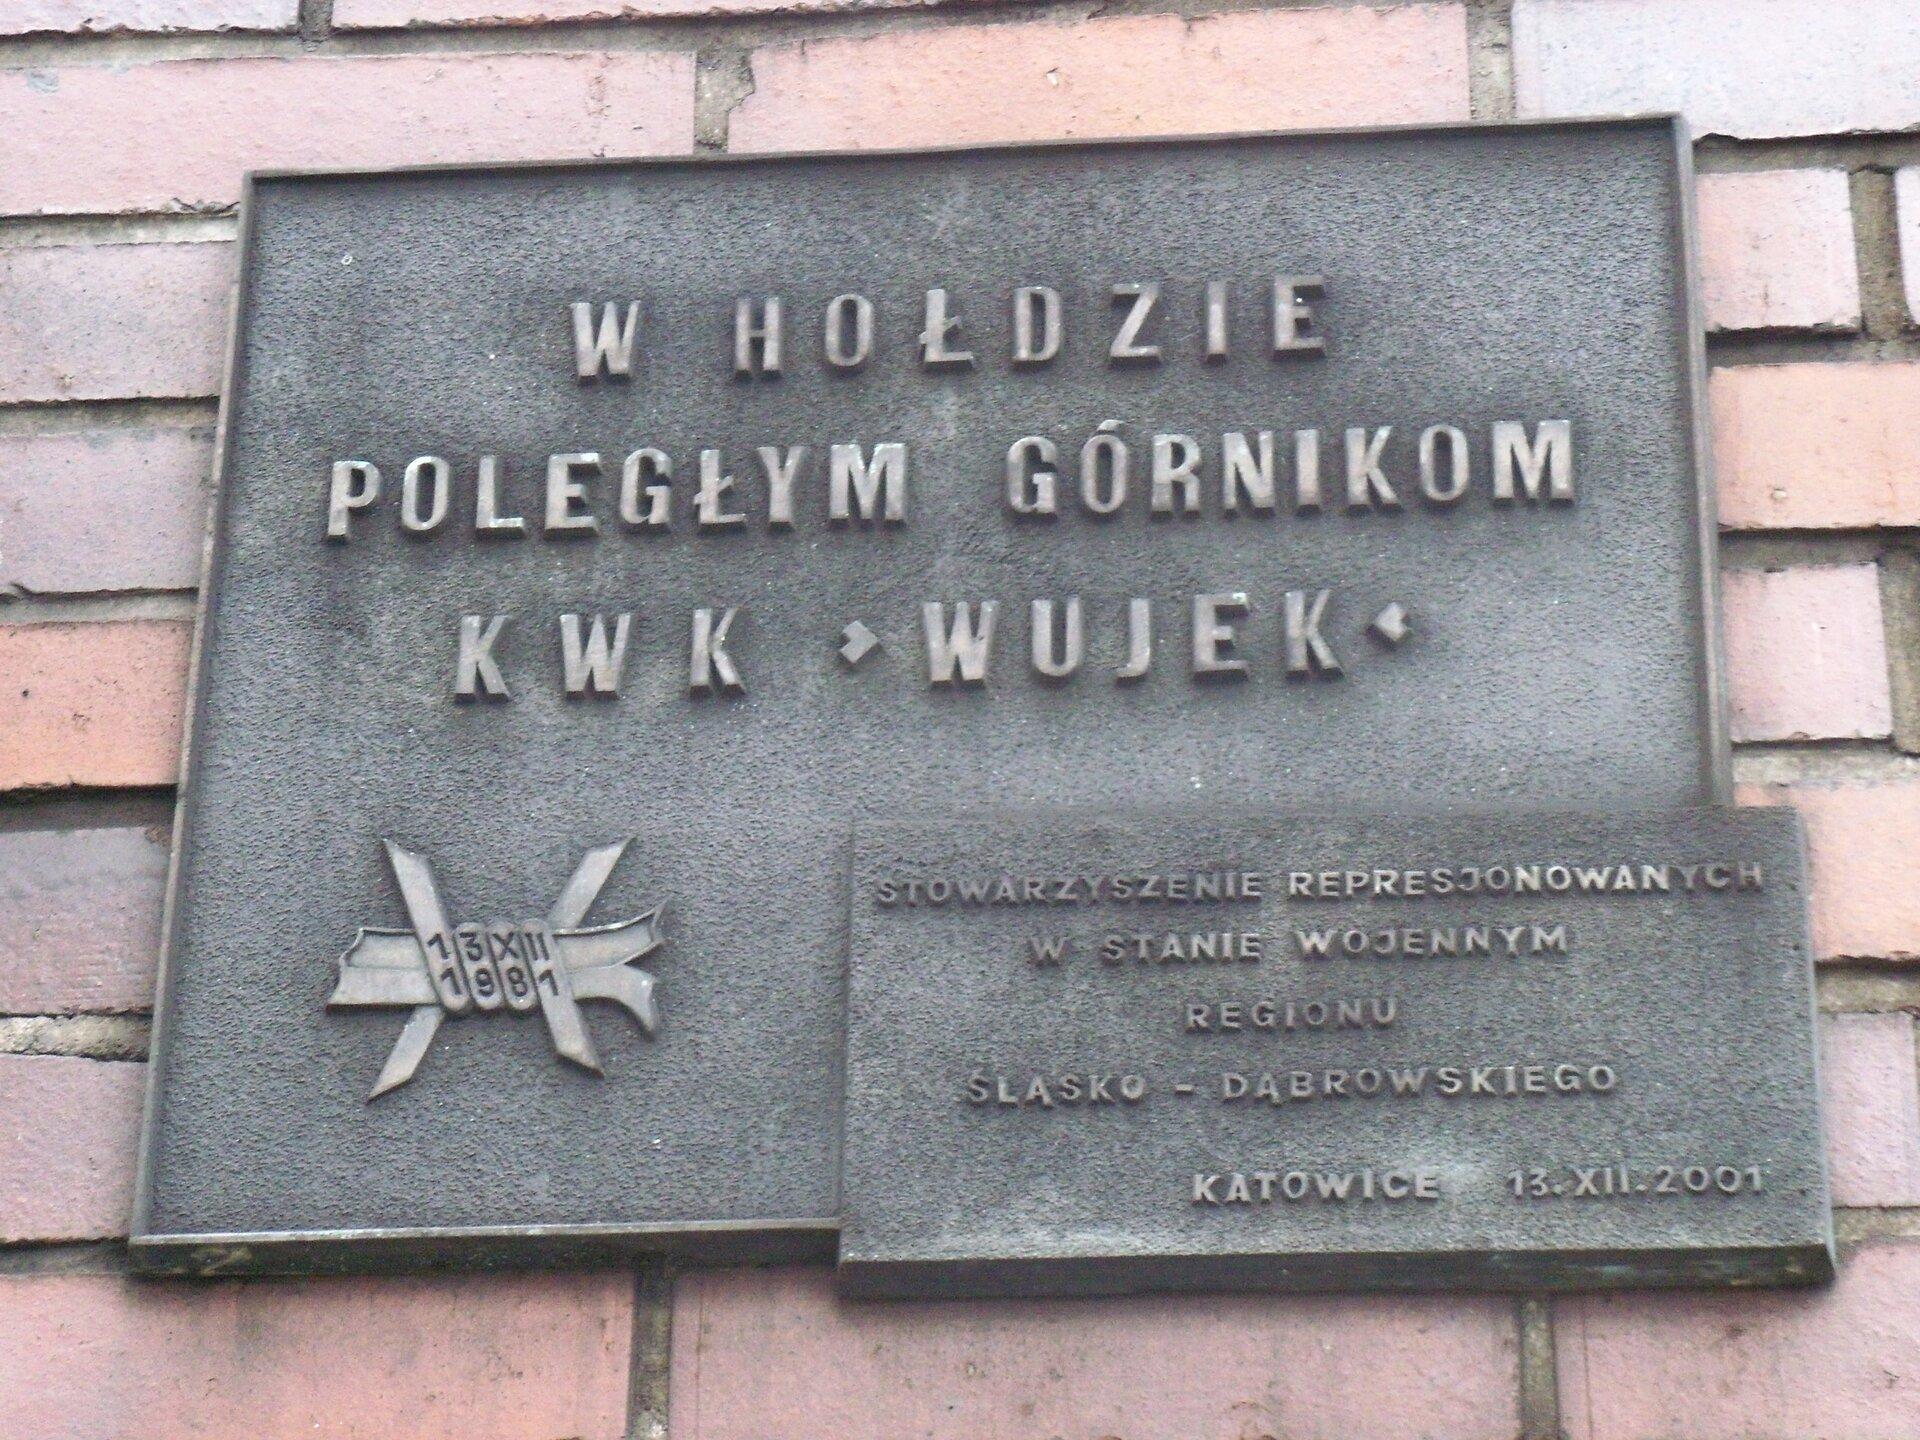 Tablica upamiętniająca poległych górników podczas strajków Źródło: Michał Bulsa, Tablica upamiętniająca poległych górników podczas strajków, licencja: CC 0.